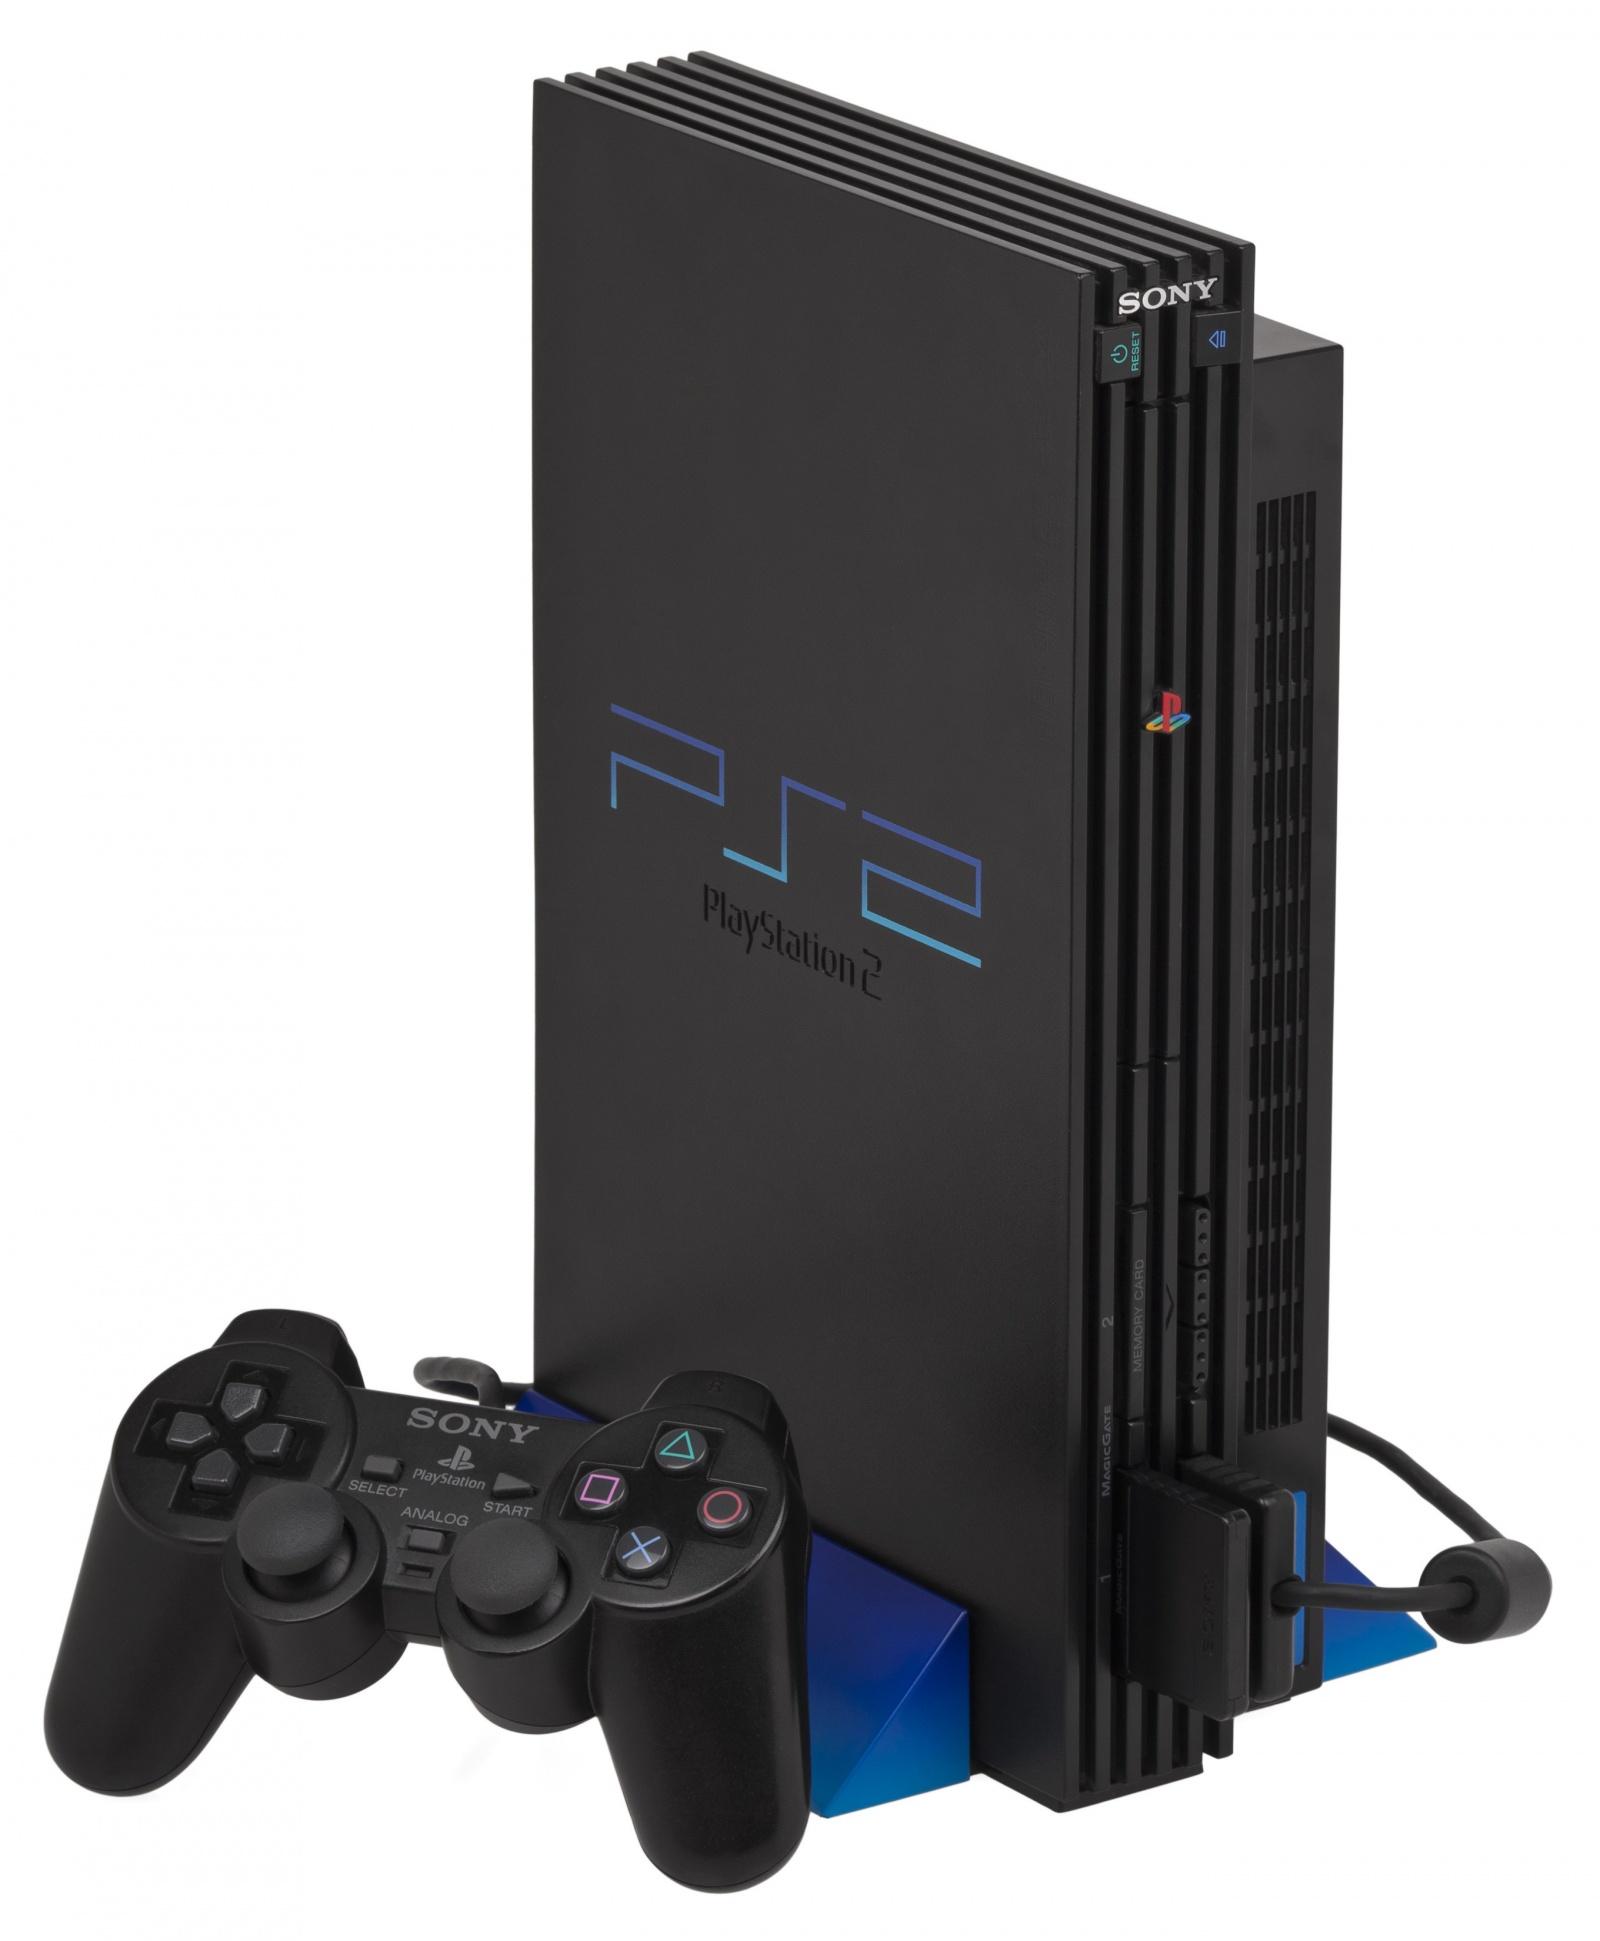 История реализации обратной совместимости с PS1 на Sony Playstation 2 - 6